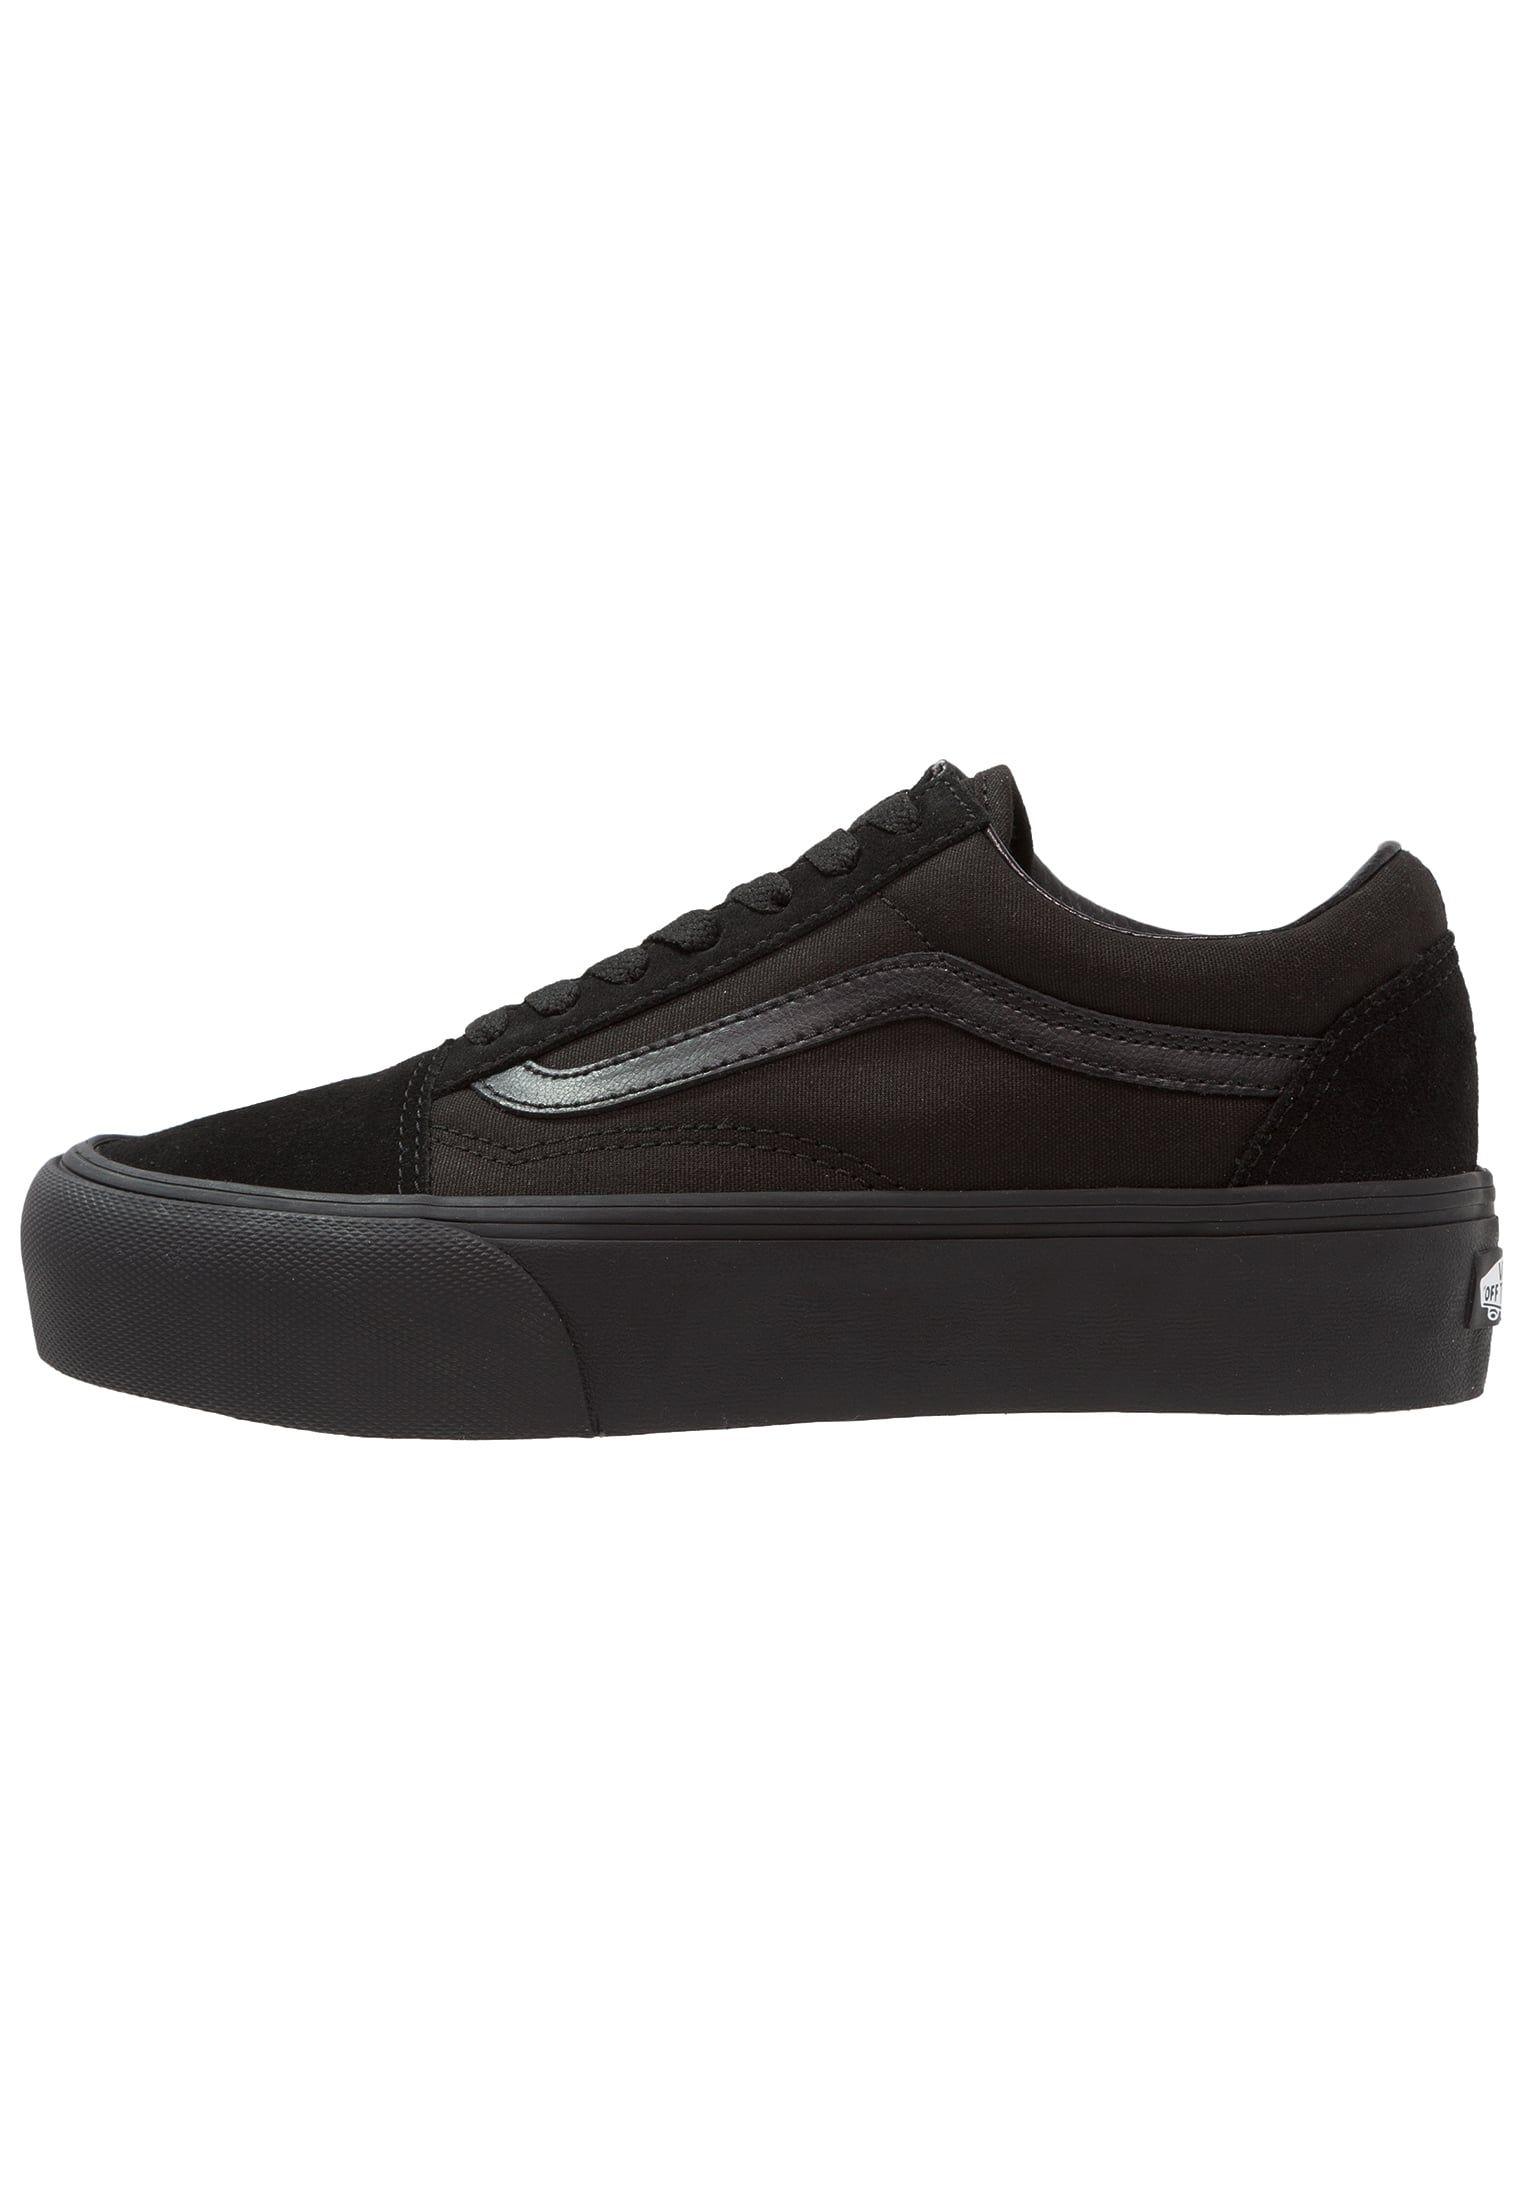 UA OLD SKOOL PLATFORM Sneaker low black @